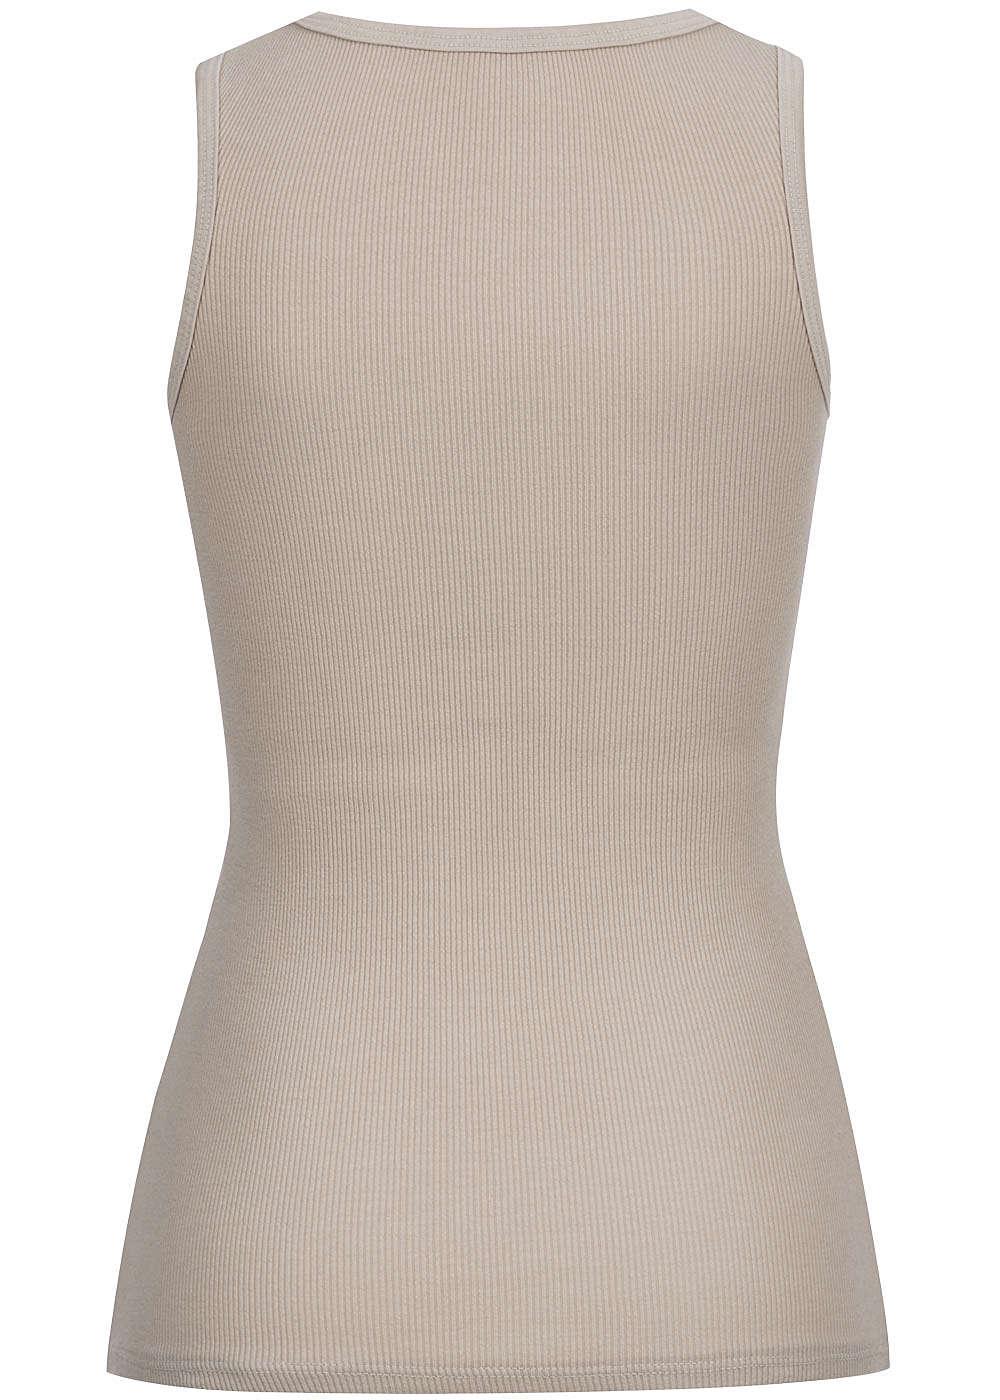 Styleboom fashion damen tank top gerippt deko knopfleiste for Top deko shop